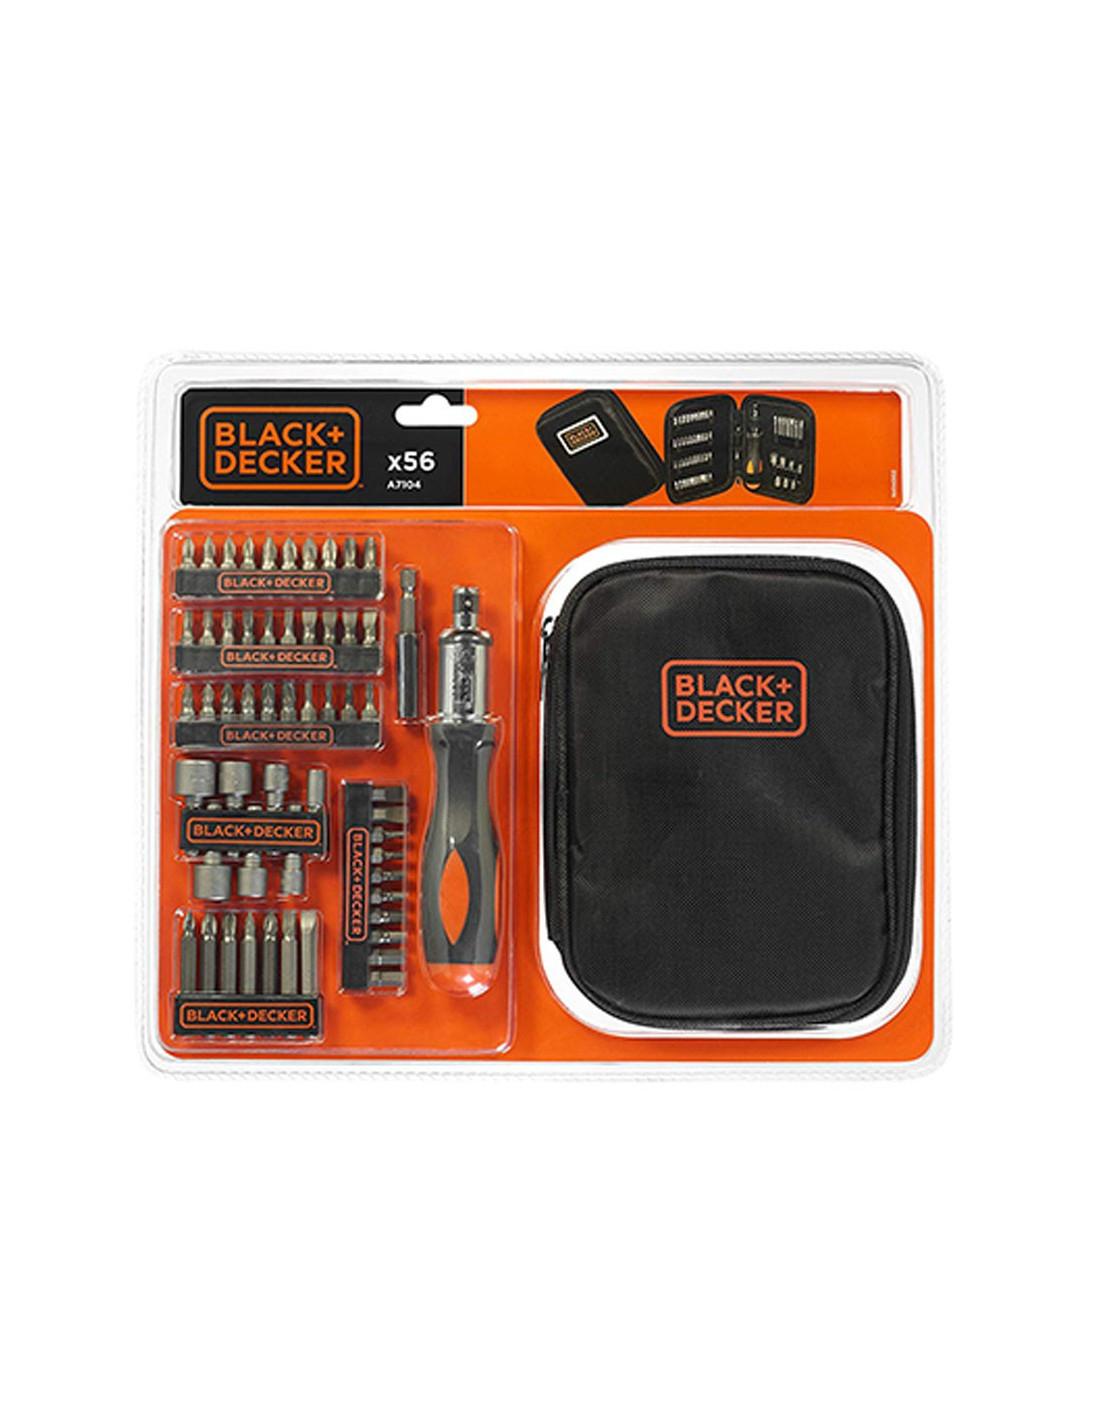 Kit de 56 piezas para atornillar con Atornillador de Carraca Black+Decker A7104